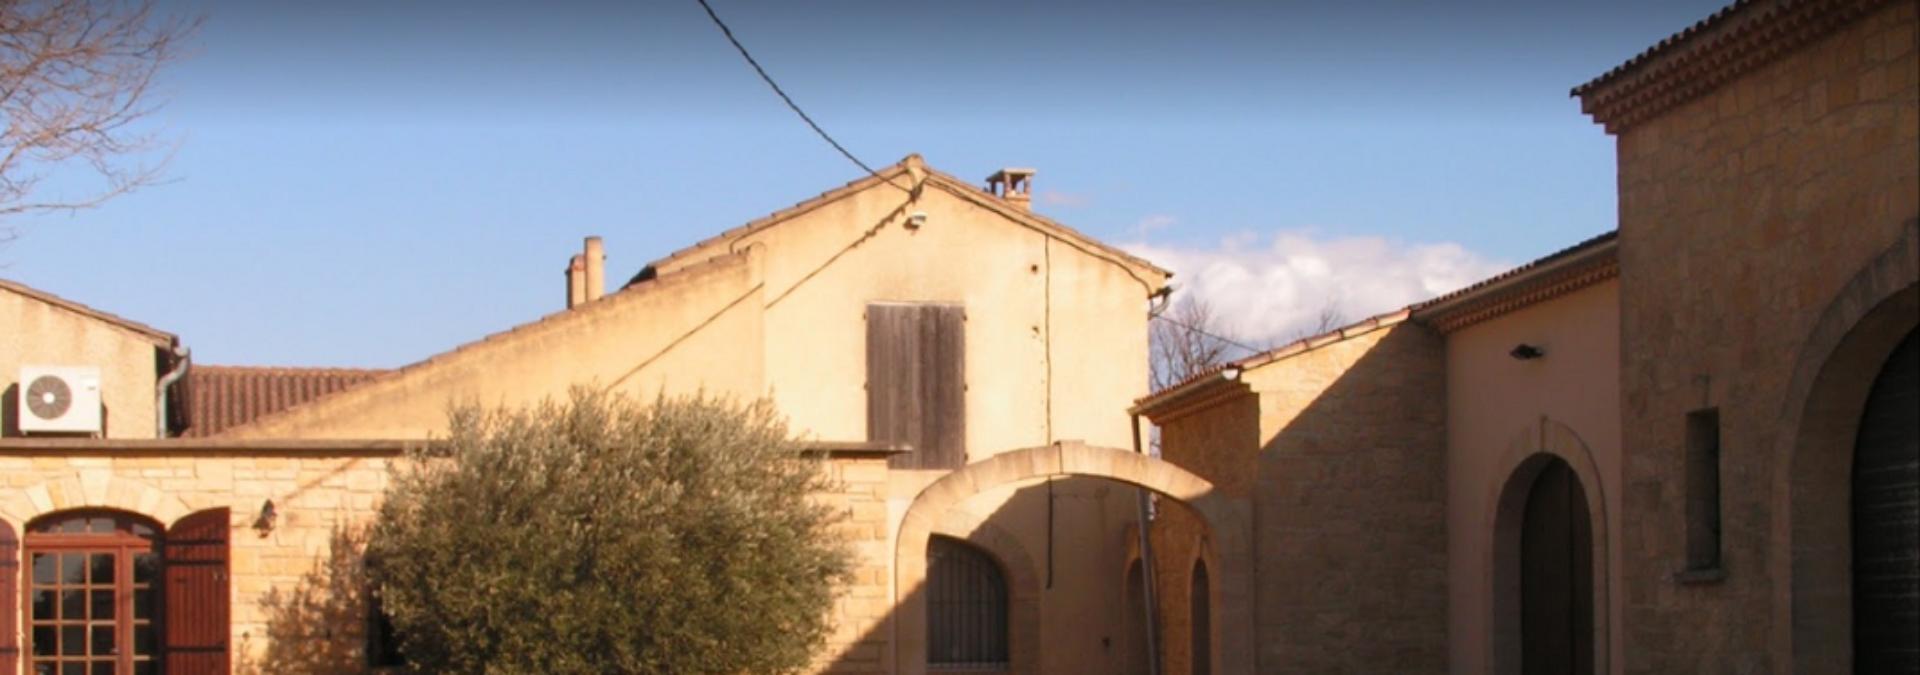 Domaine de la Charbonniere